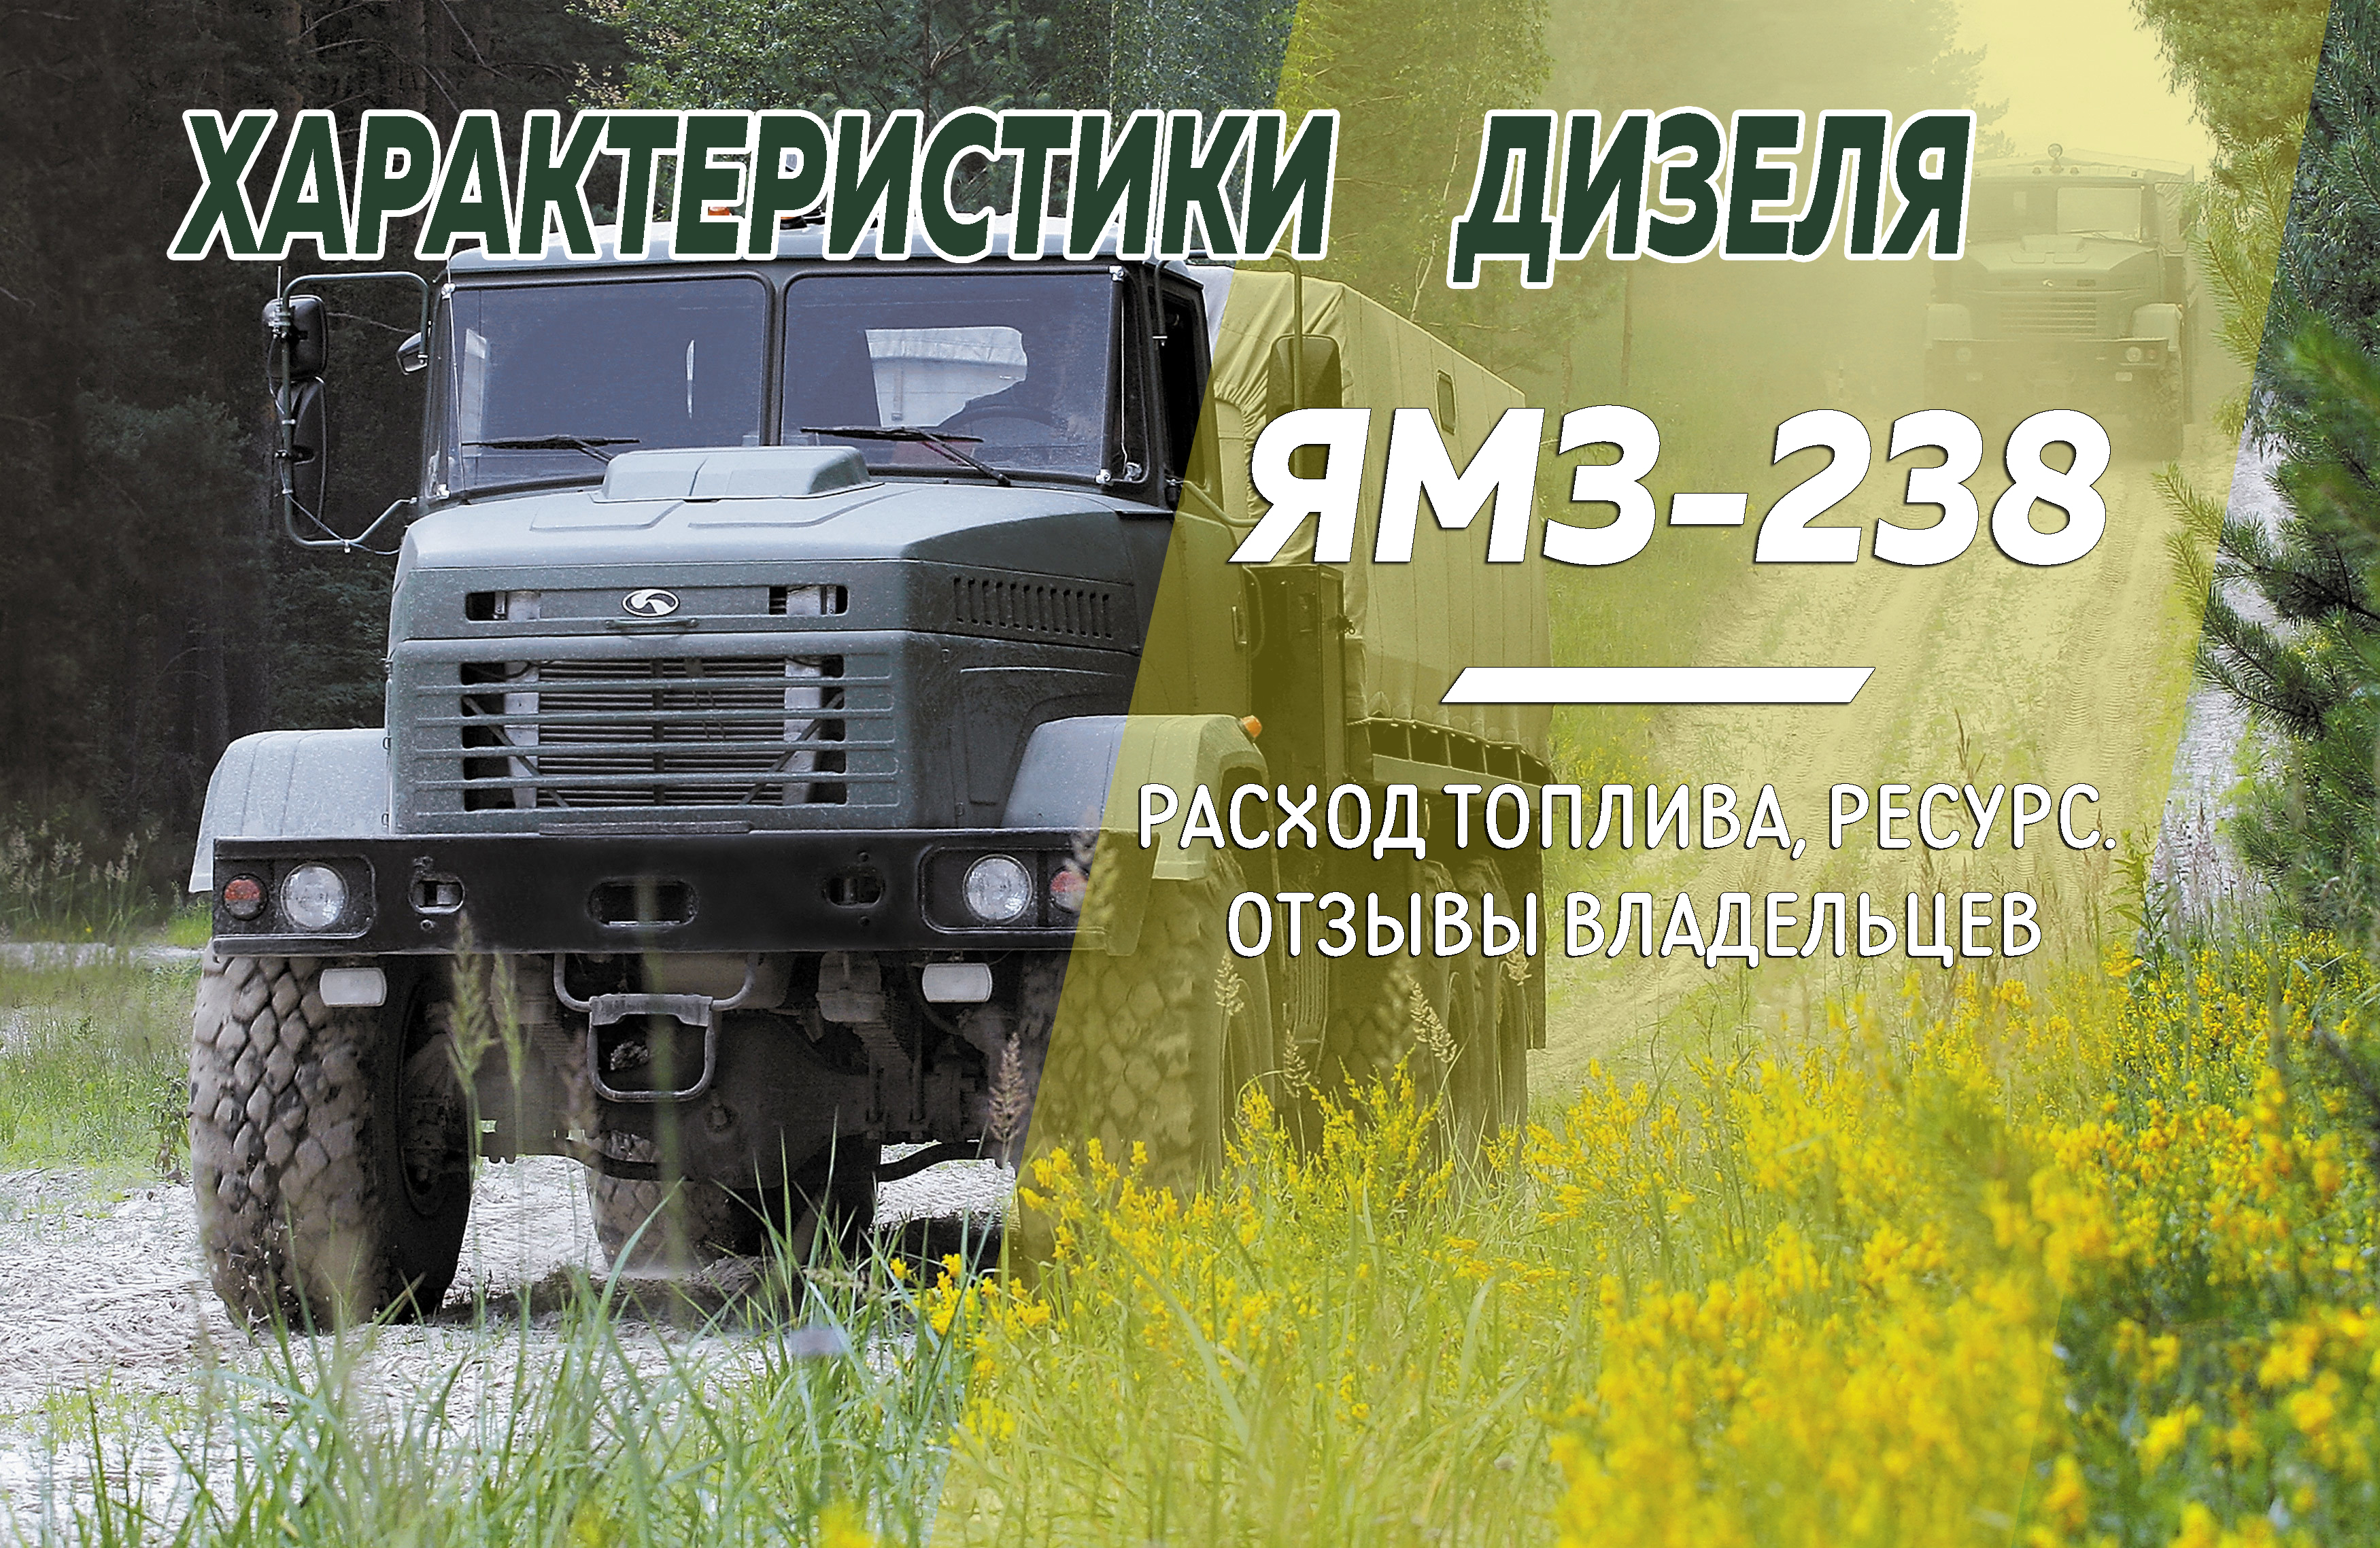 Двигатель ЯМЗ 238: технические характеристики, расход топлива, ресурс, отзывы